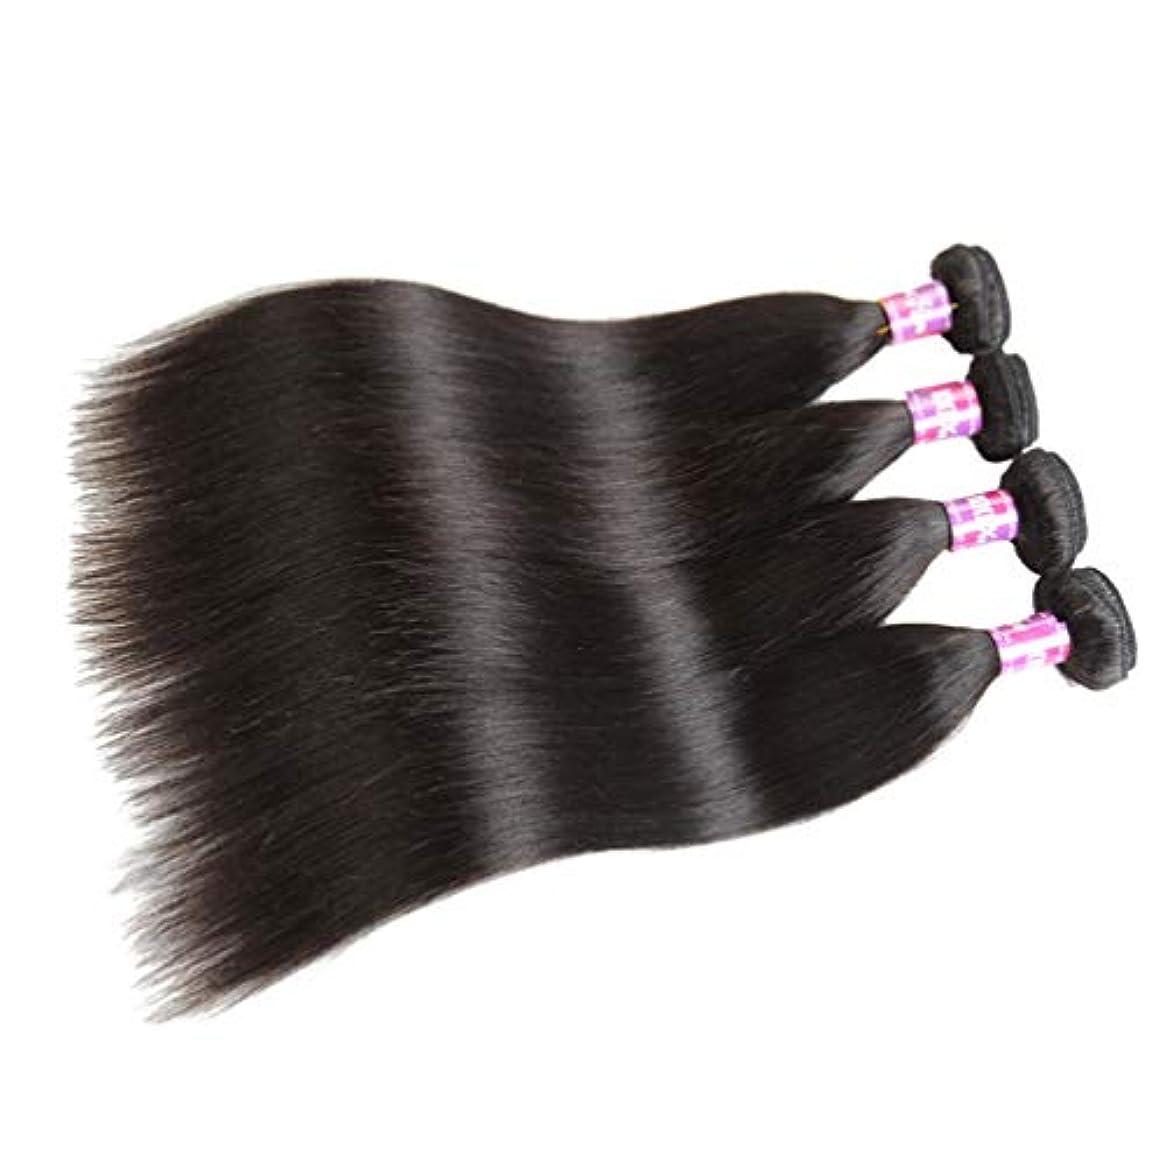 累計脈拍アトラスブラジルのストレートヘアバンドル安いブラジルのヘアバンドルストレートの人間の髪のバンドルナチュラルブラックカラー300g(3バンドル)